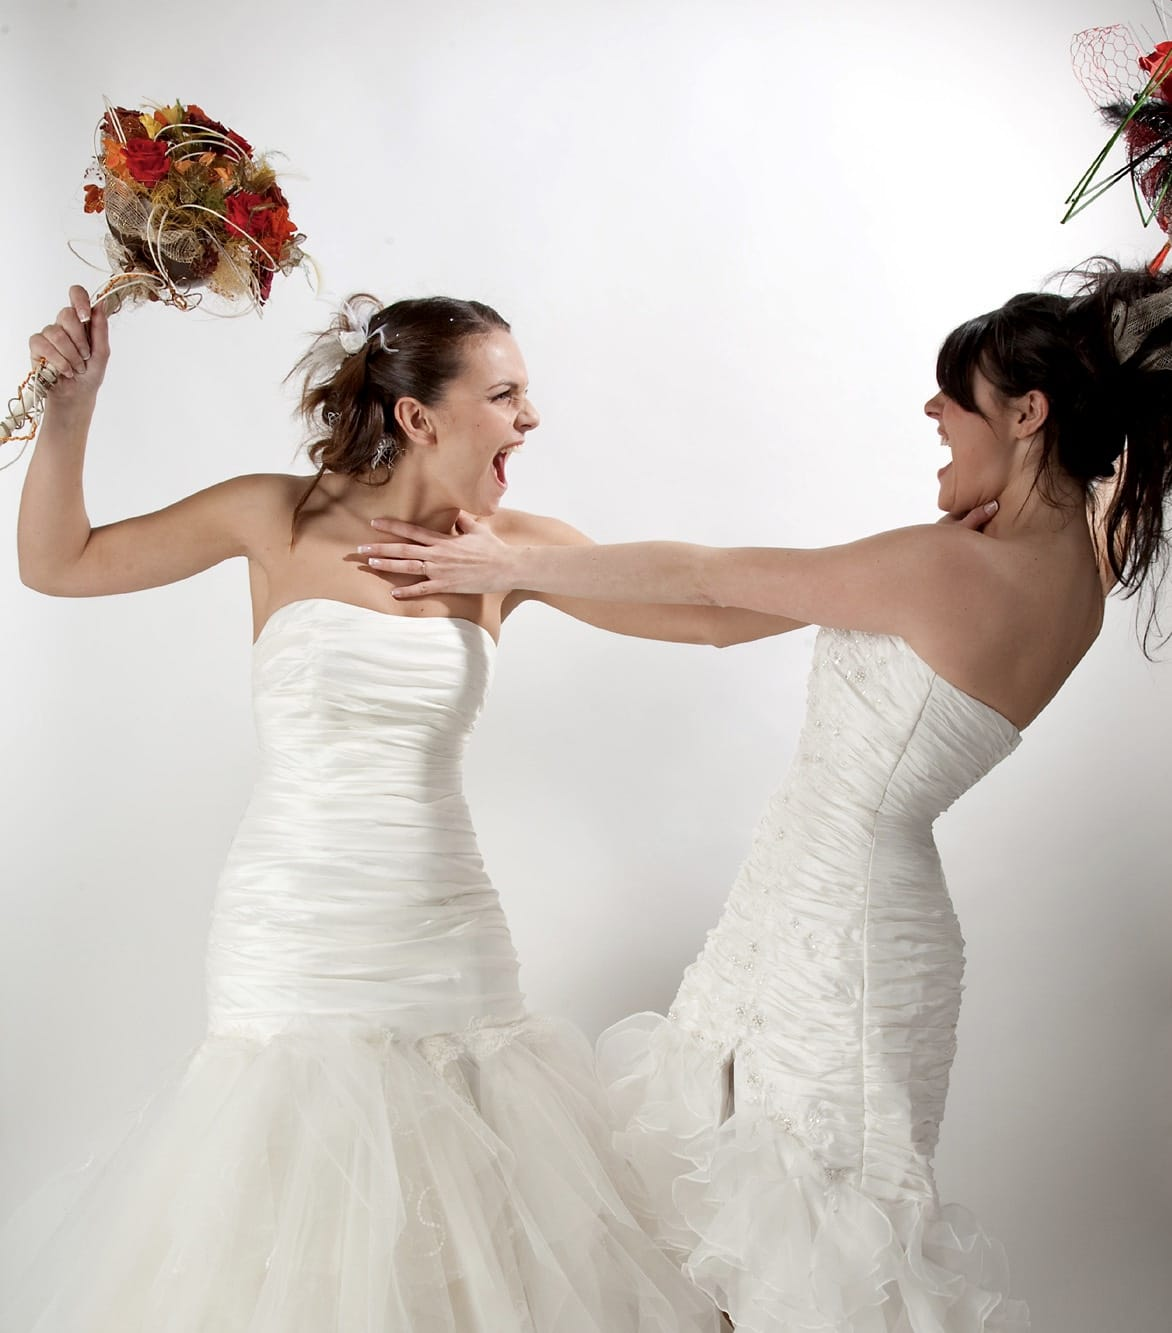 Girls in wedding dress fighting